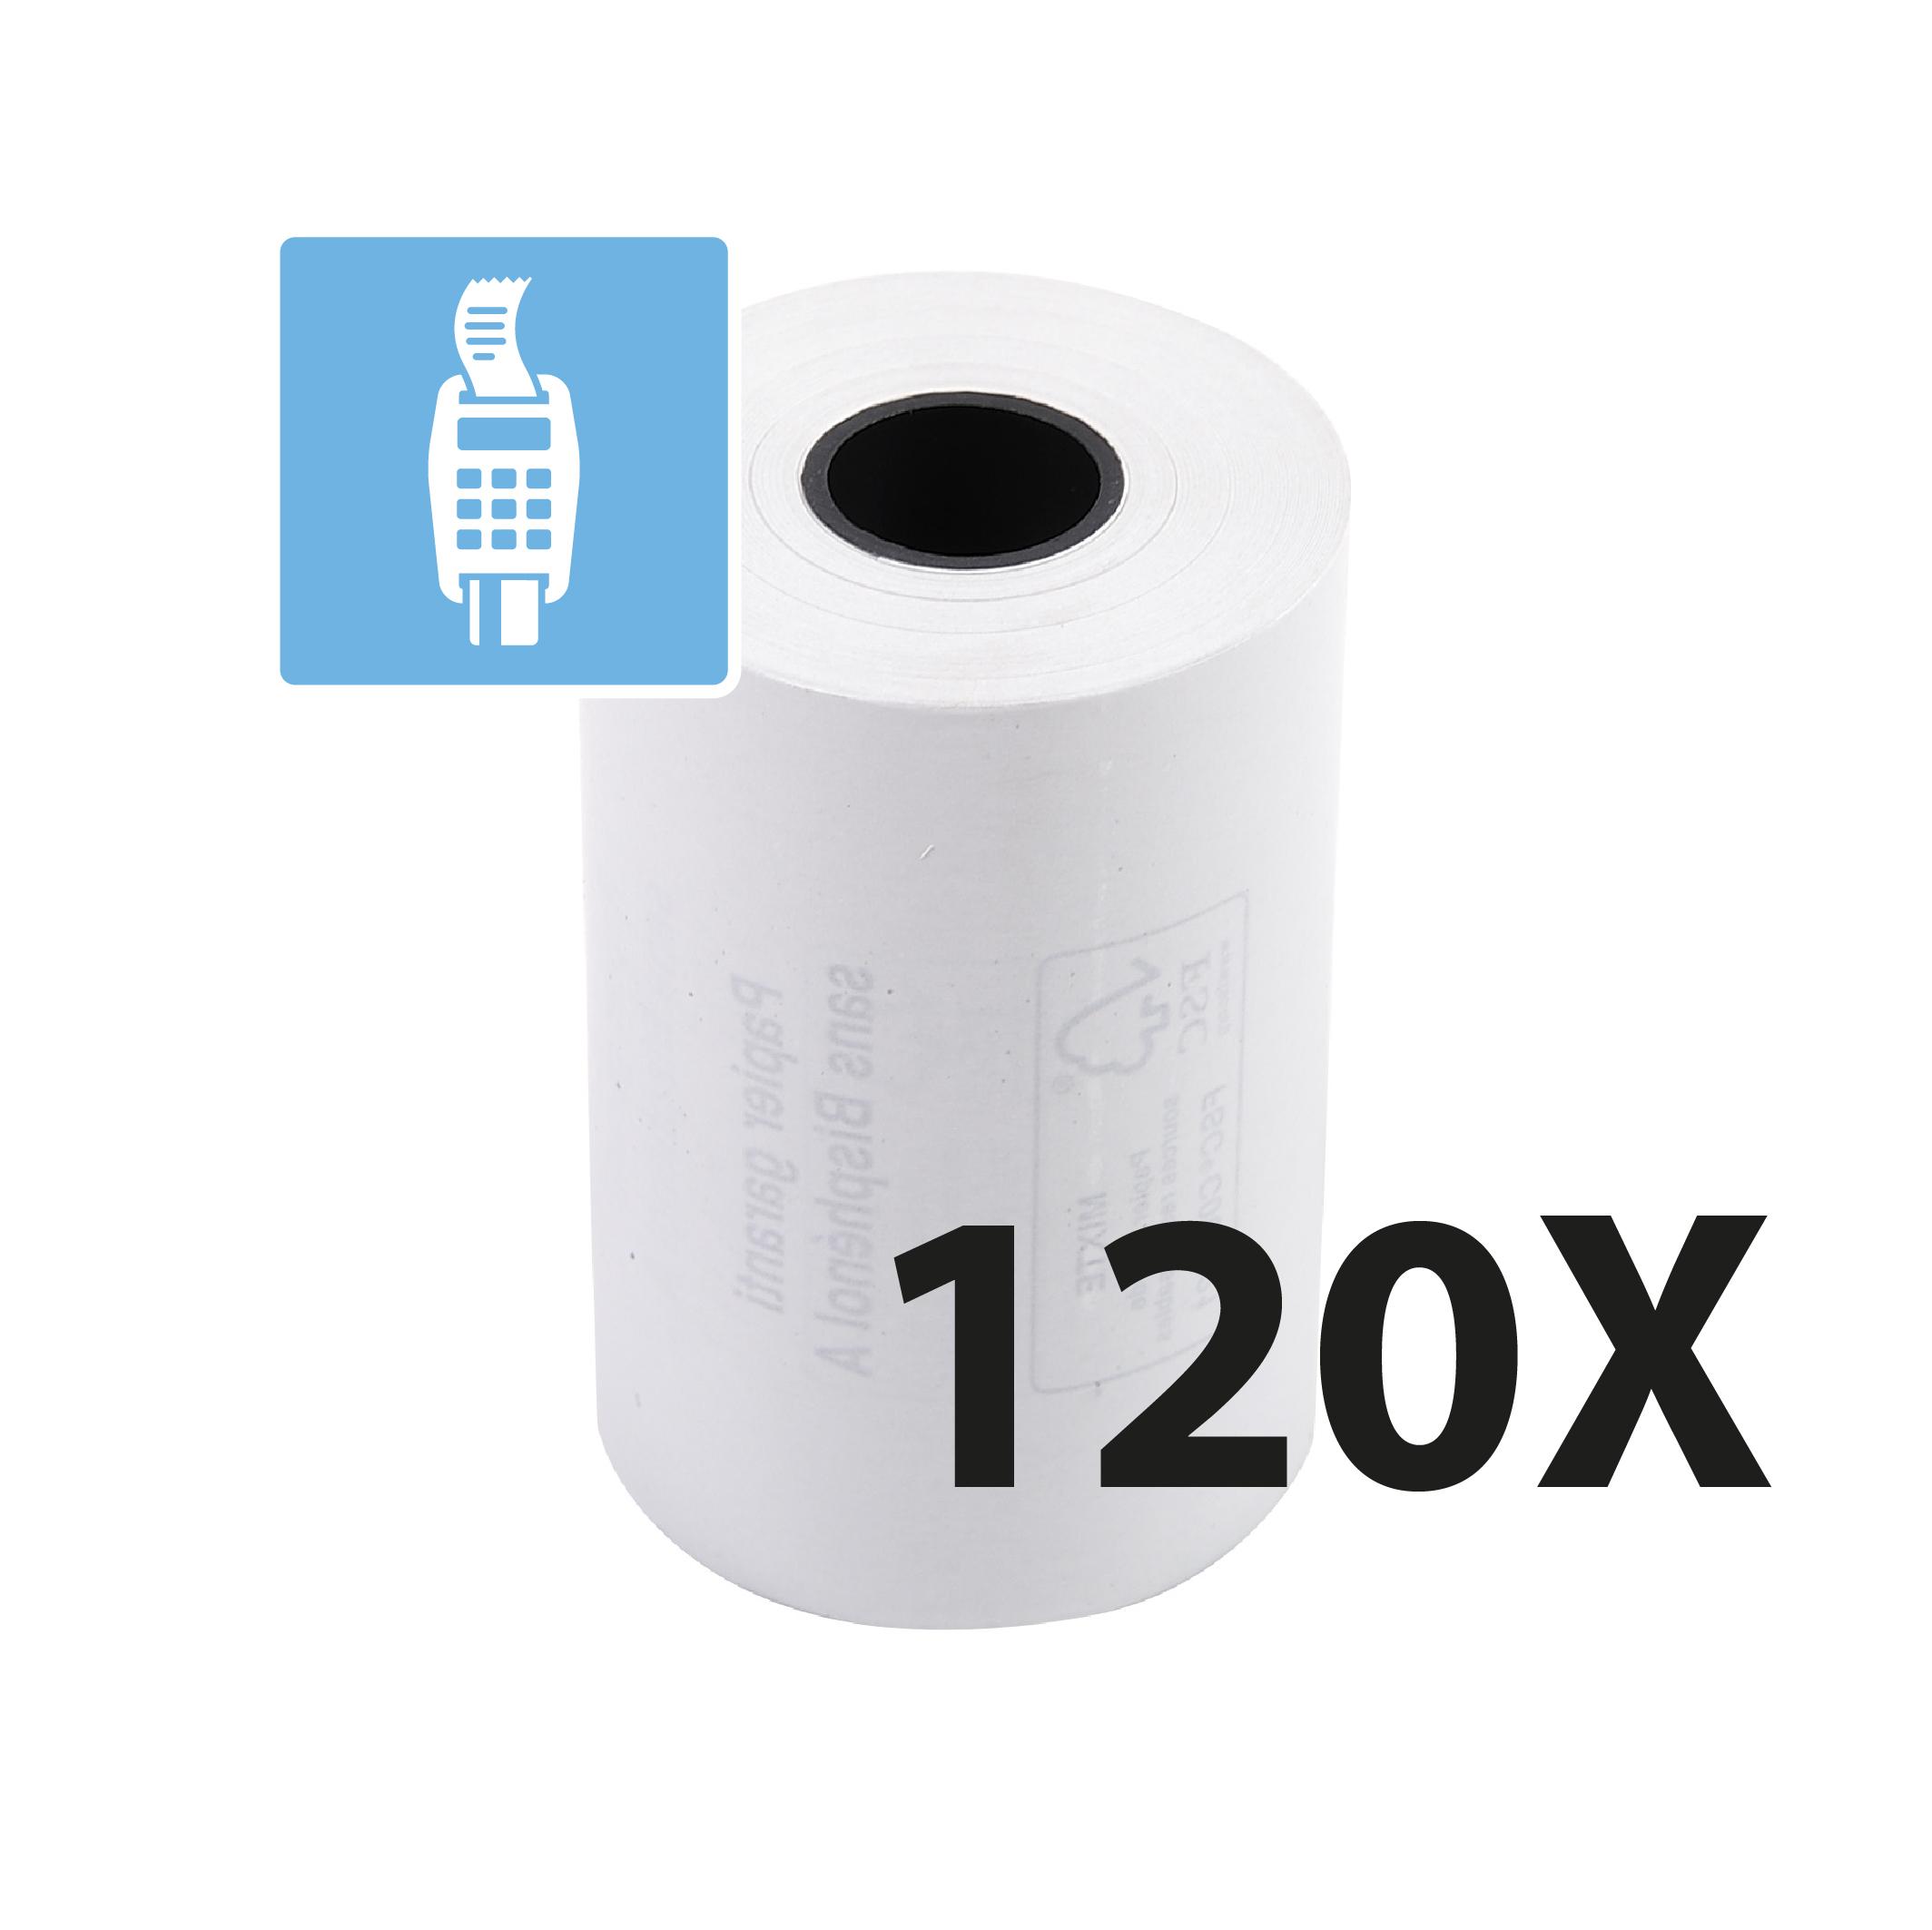 Exacompta - 6 Boîtes de 20 Bobines pour TPE - papier thermique 57 x 40 x 12 mm - sans Bisphénol A